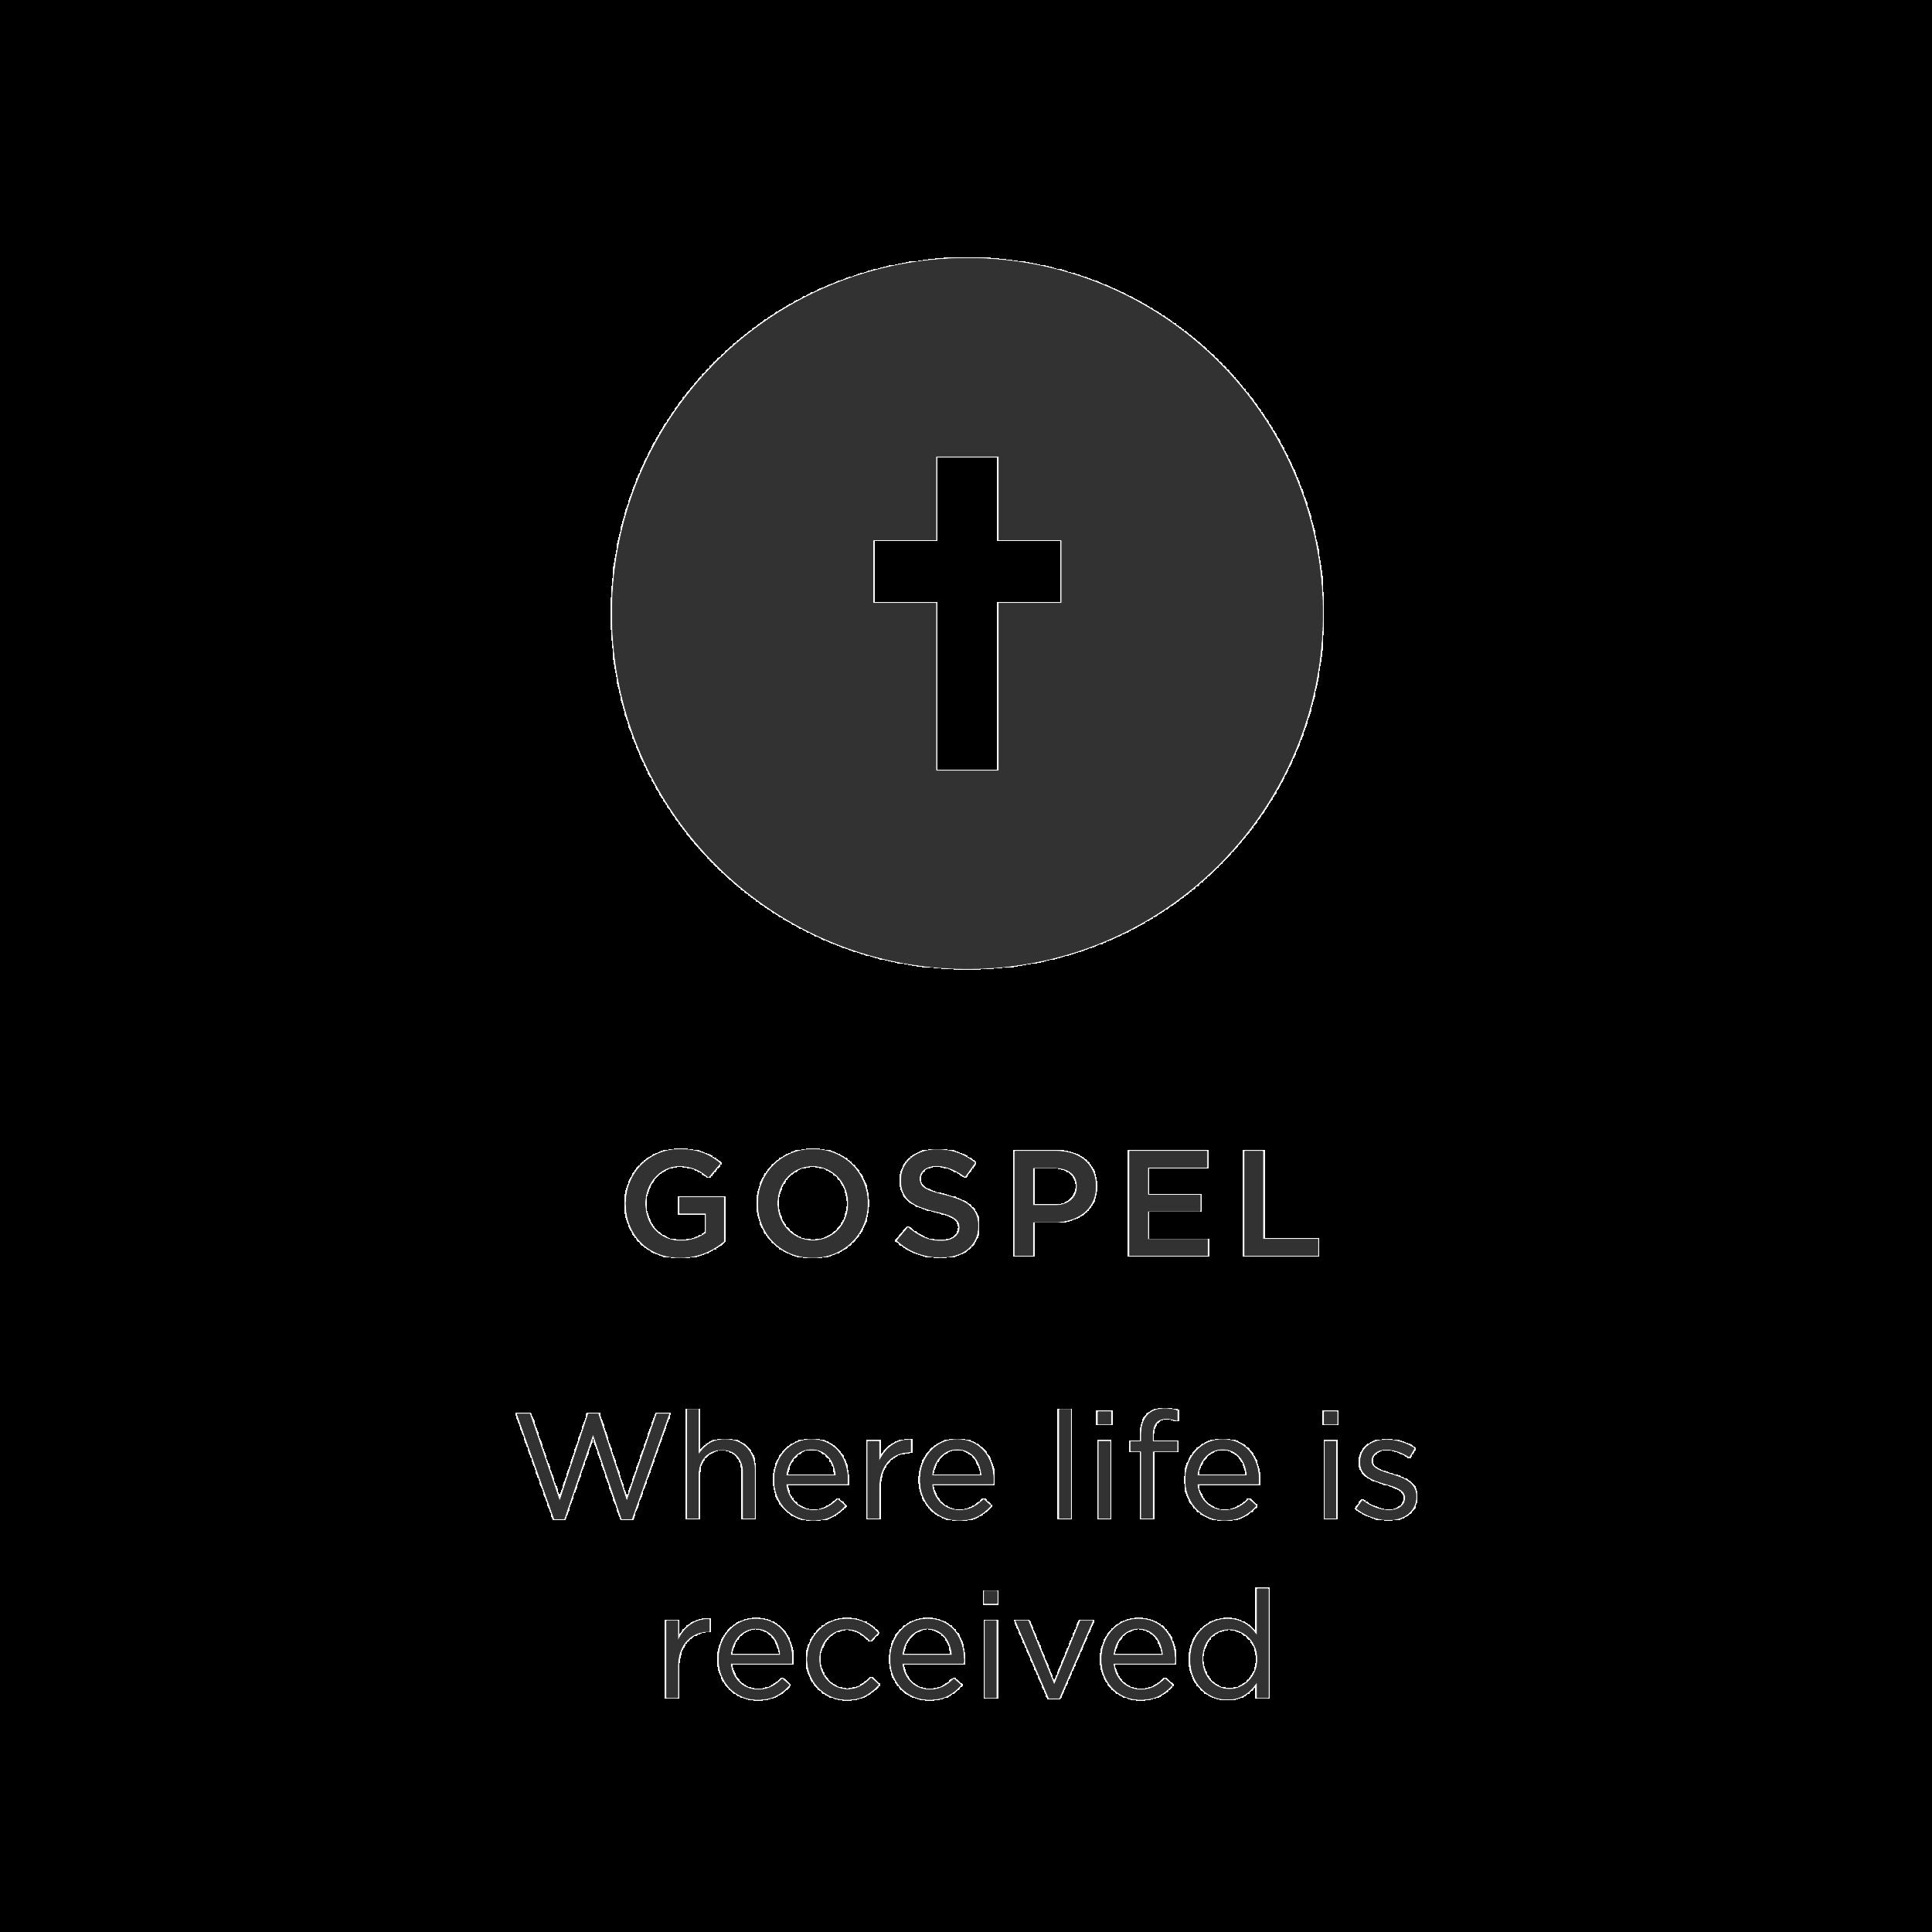 Gospel-01.png